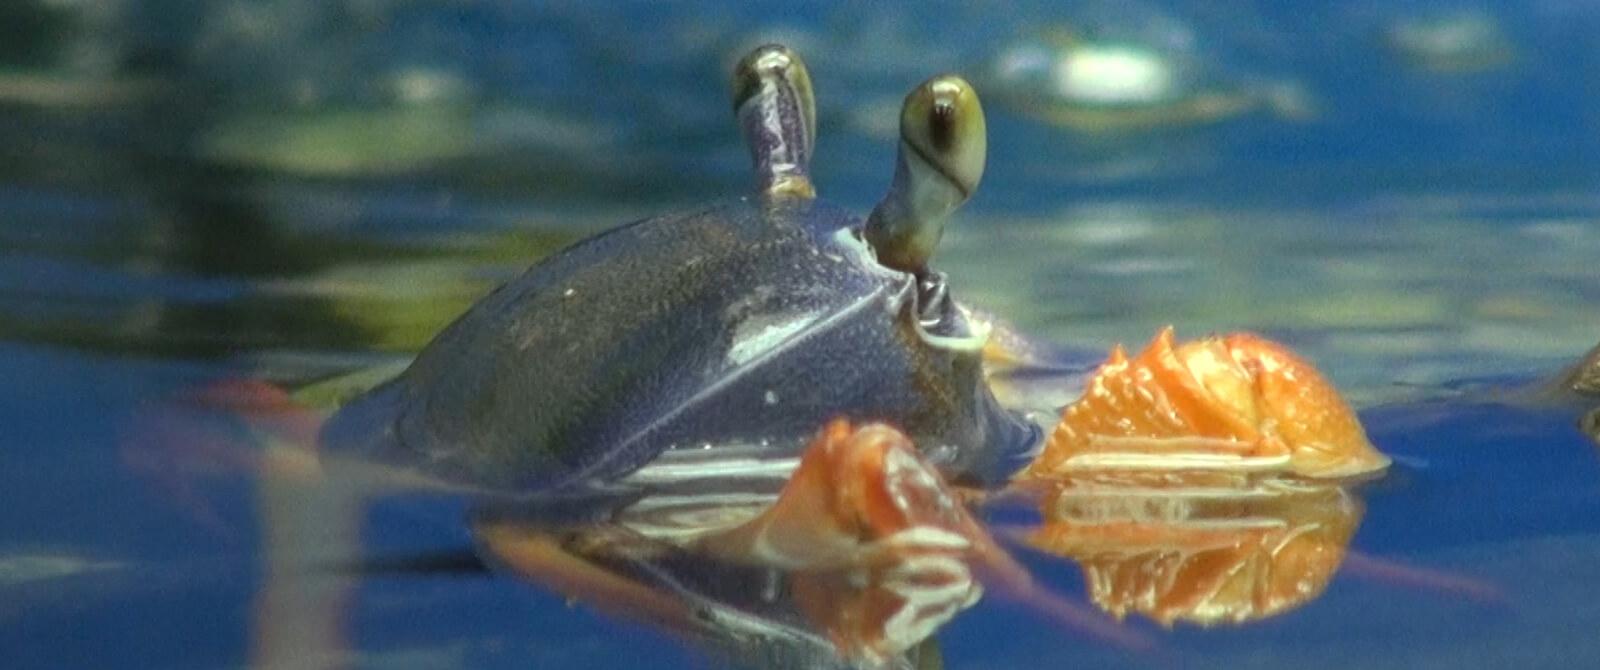 Vaivorykštinis krabas